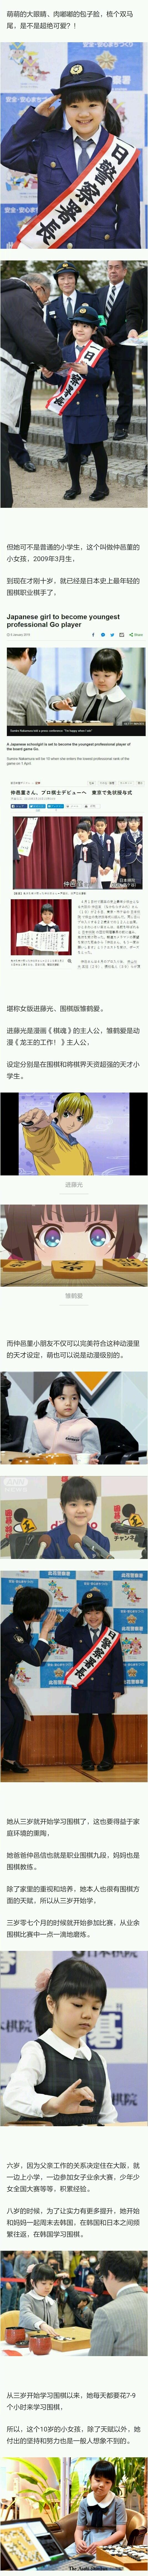 十岁的天才围棋少女,不但是日本围棋史上最年轻的职业棋手